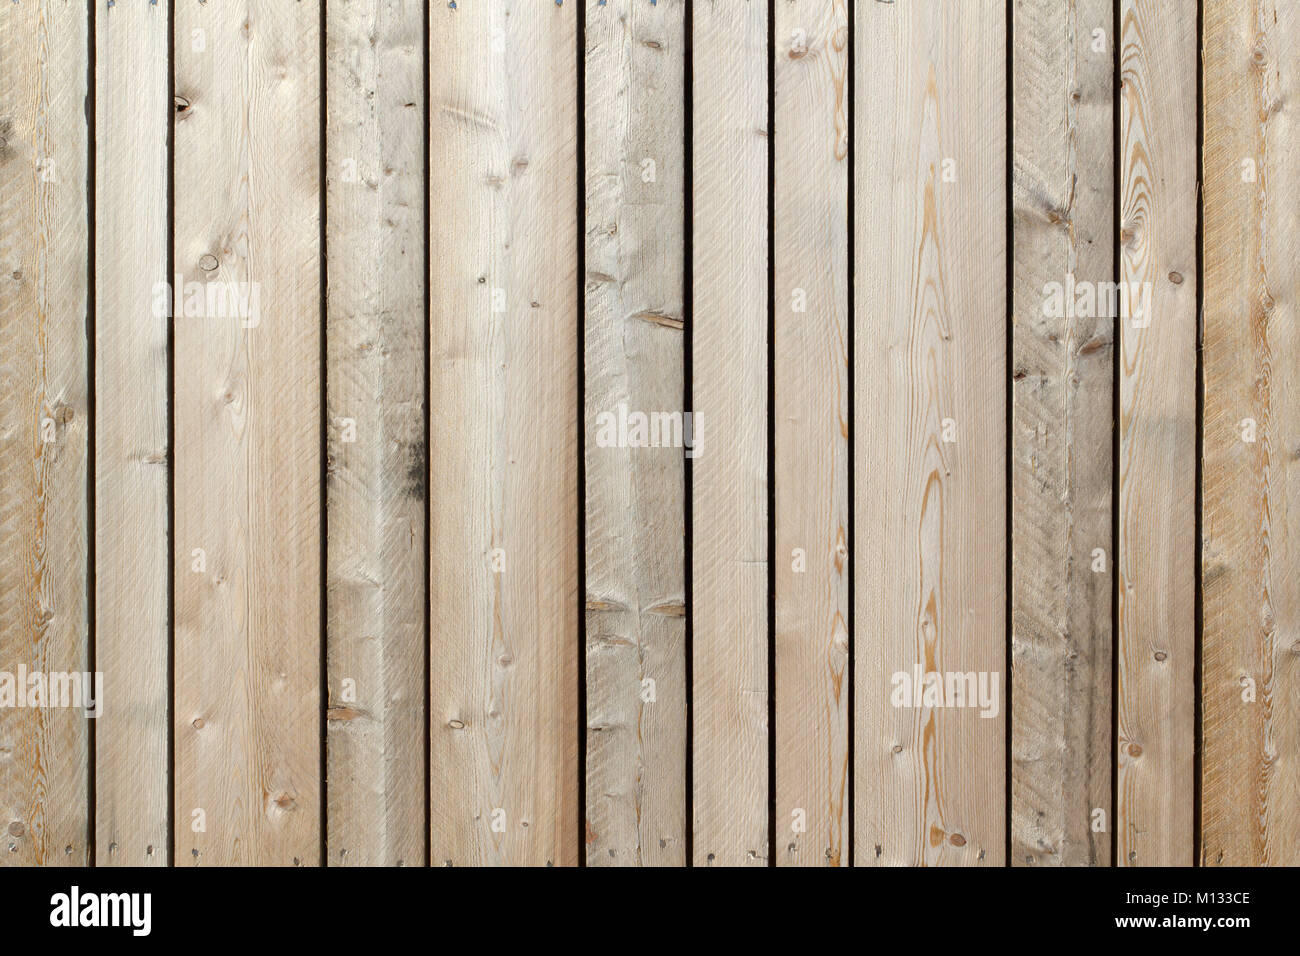 Horizontal timber cladding stock photos horizontal - Wooden cladding for exterior walls ...